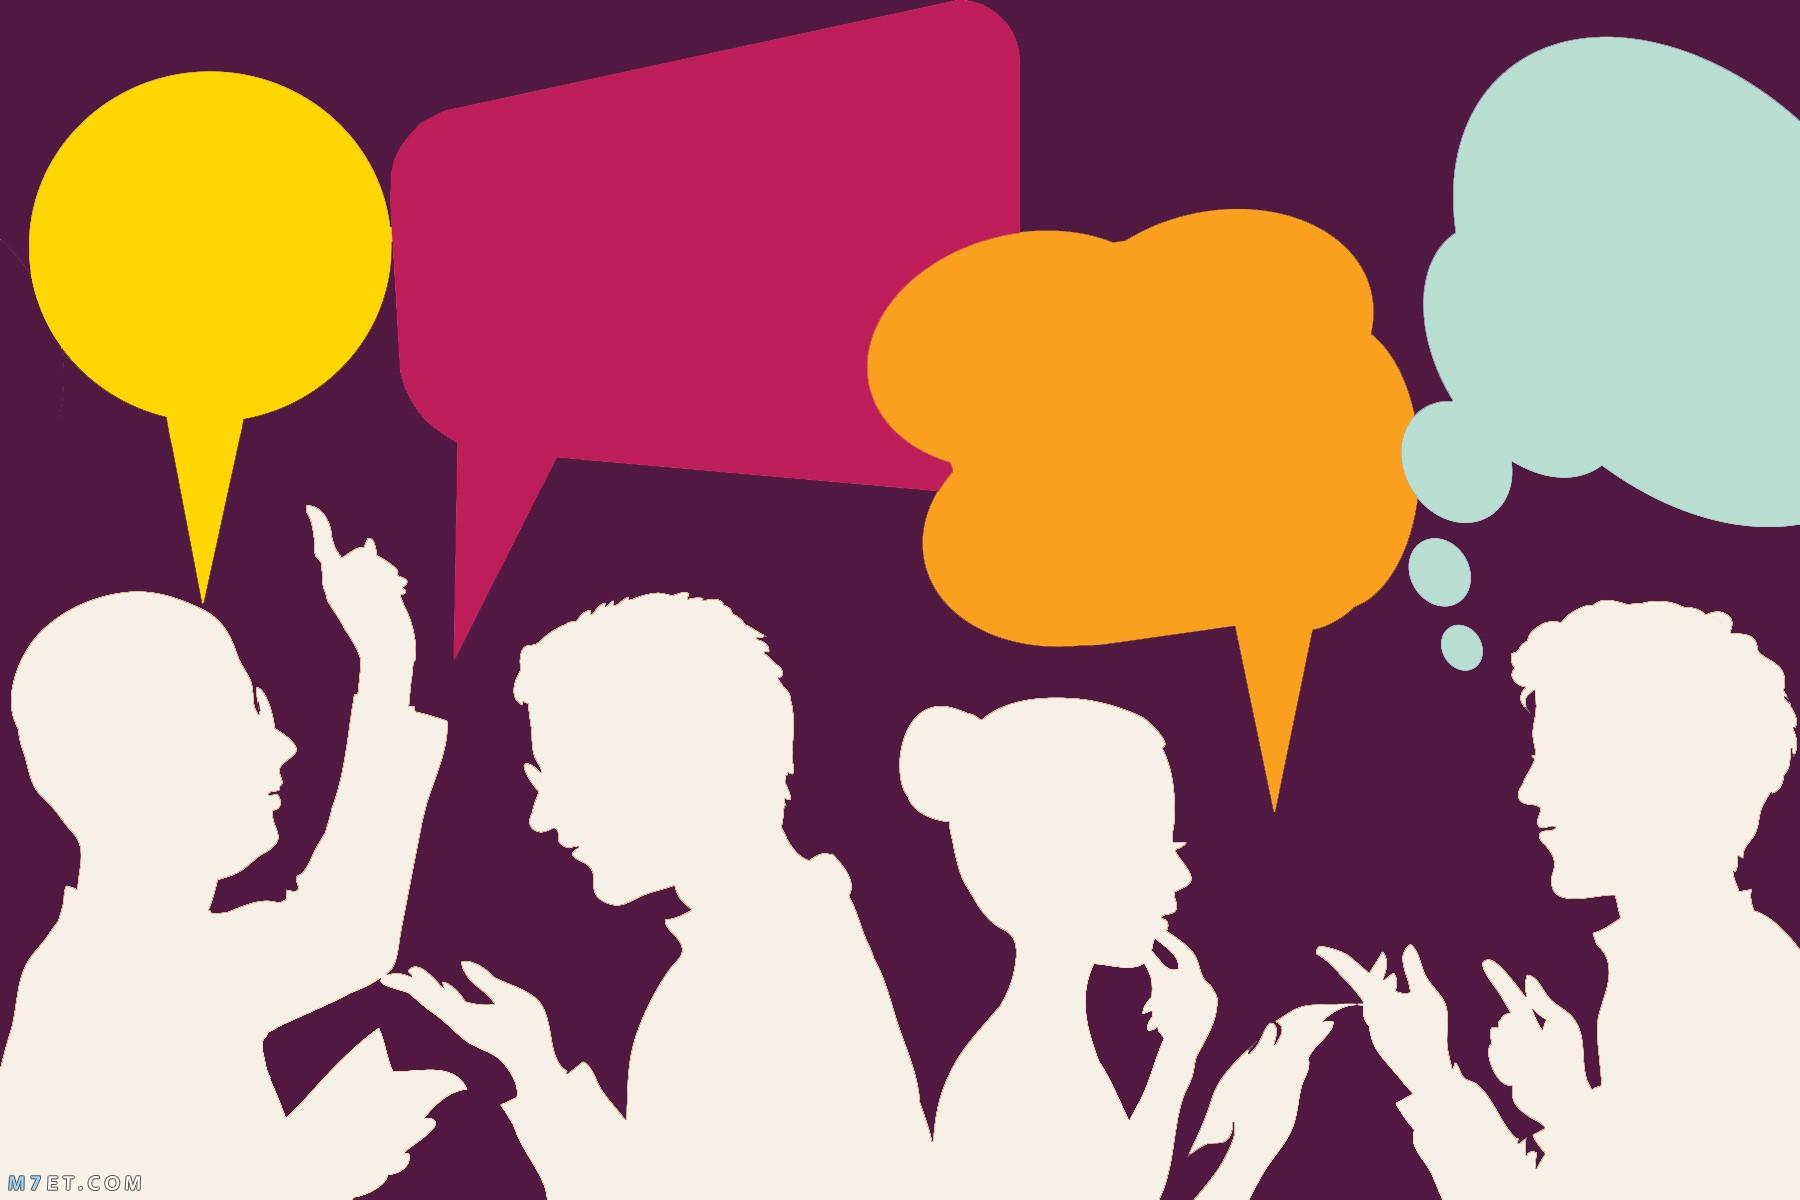 انواع الحوار الصحفي والتلفزيوني